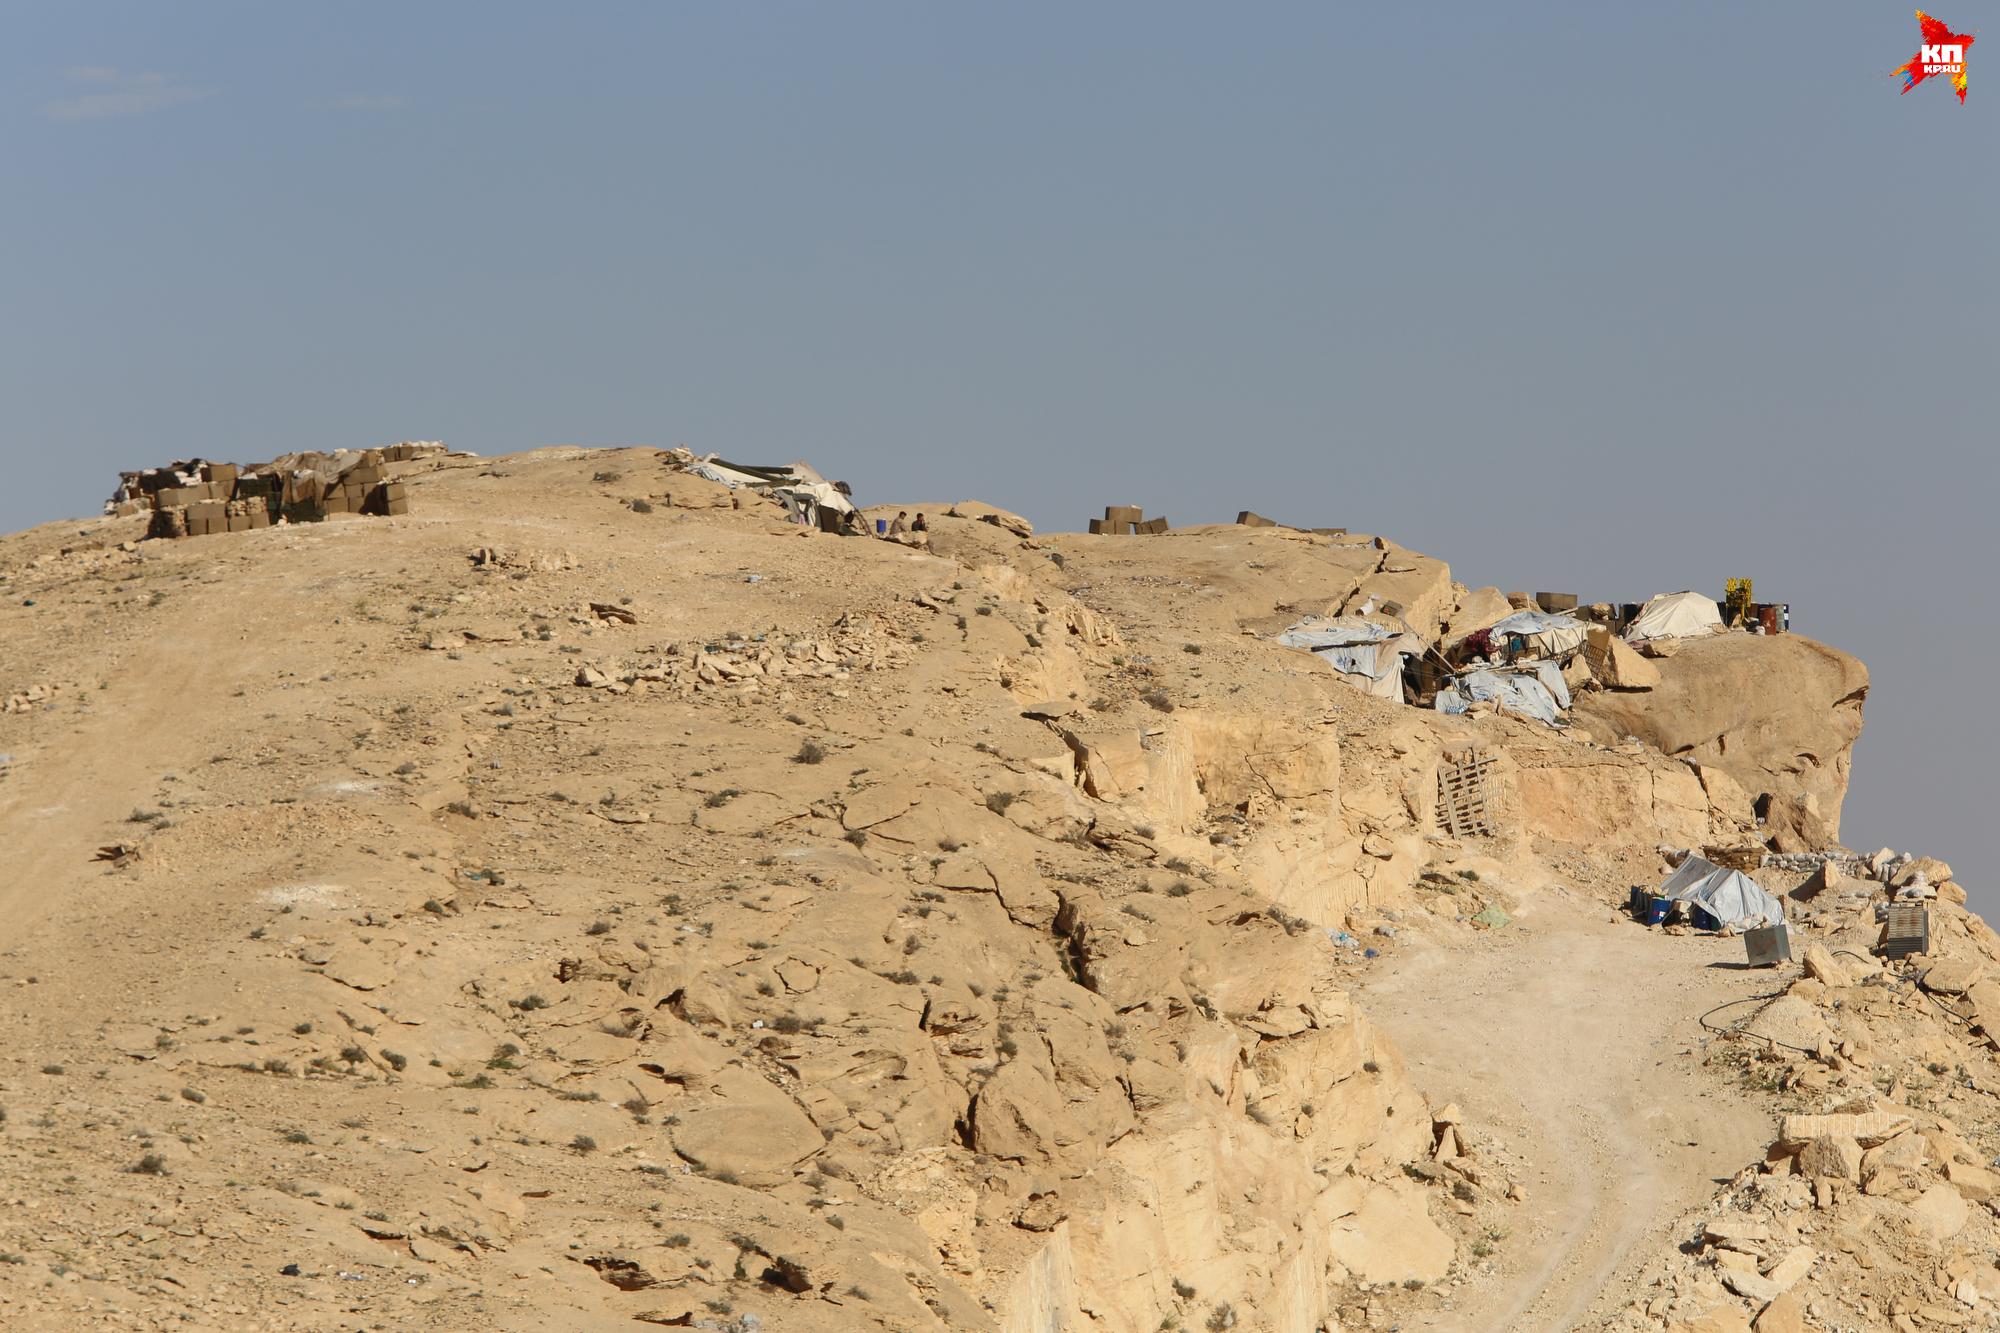 «Крепость» нового времени - нынешние позиции Хезболлы. Фото: Александр КОЦ, Дмитрий СТЕШИН